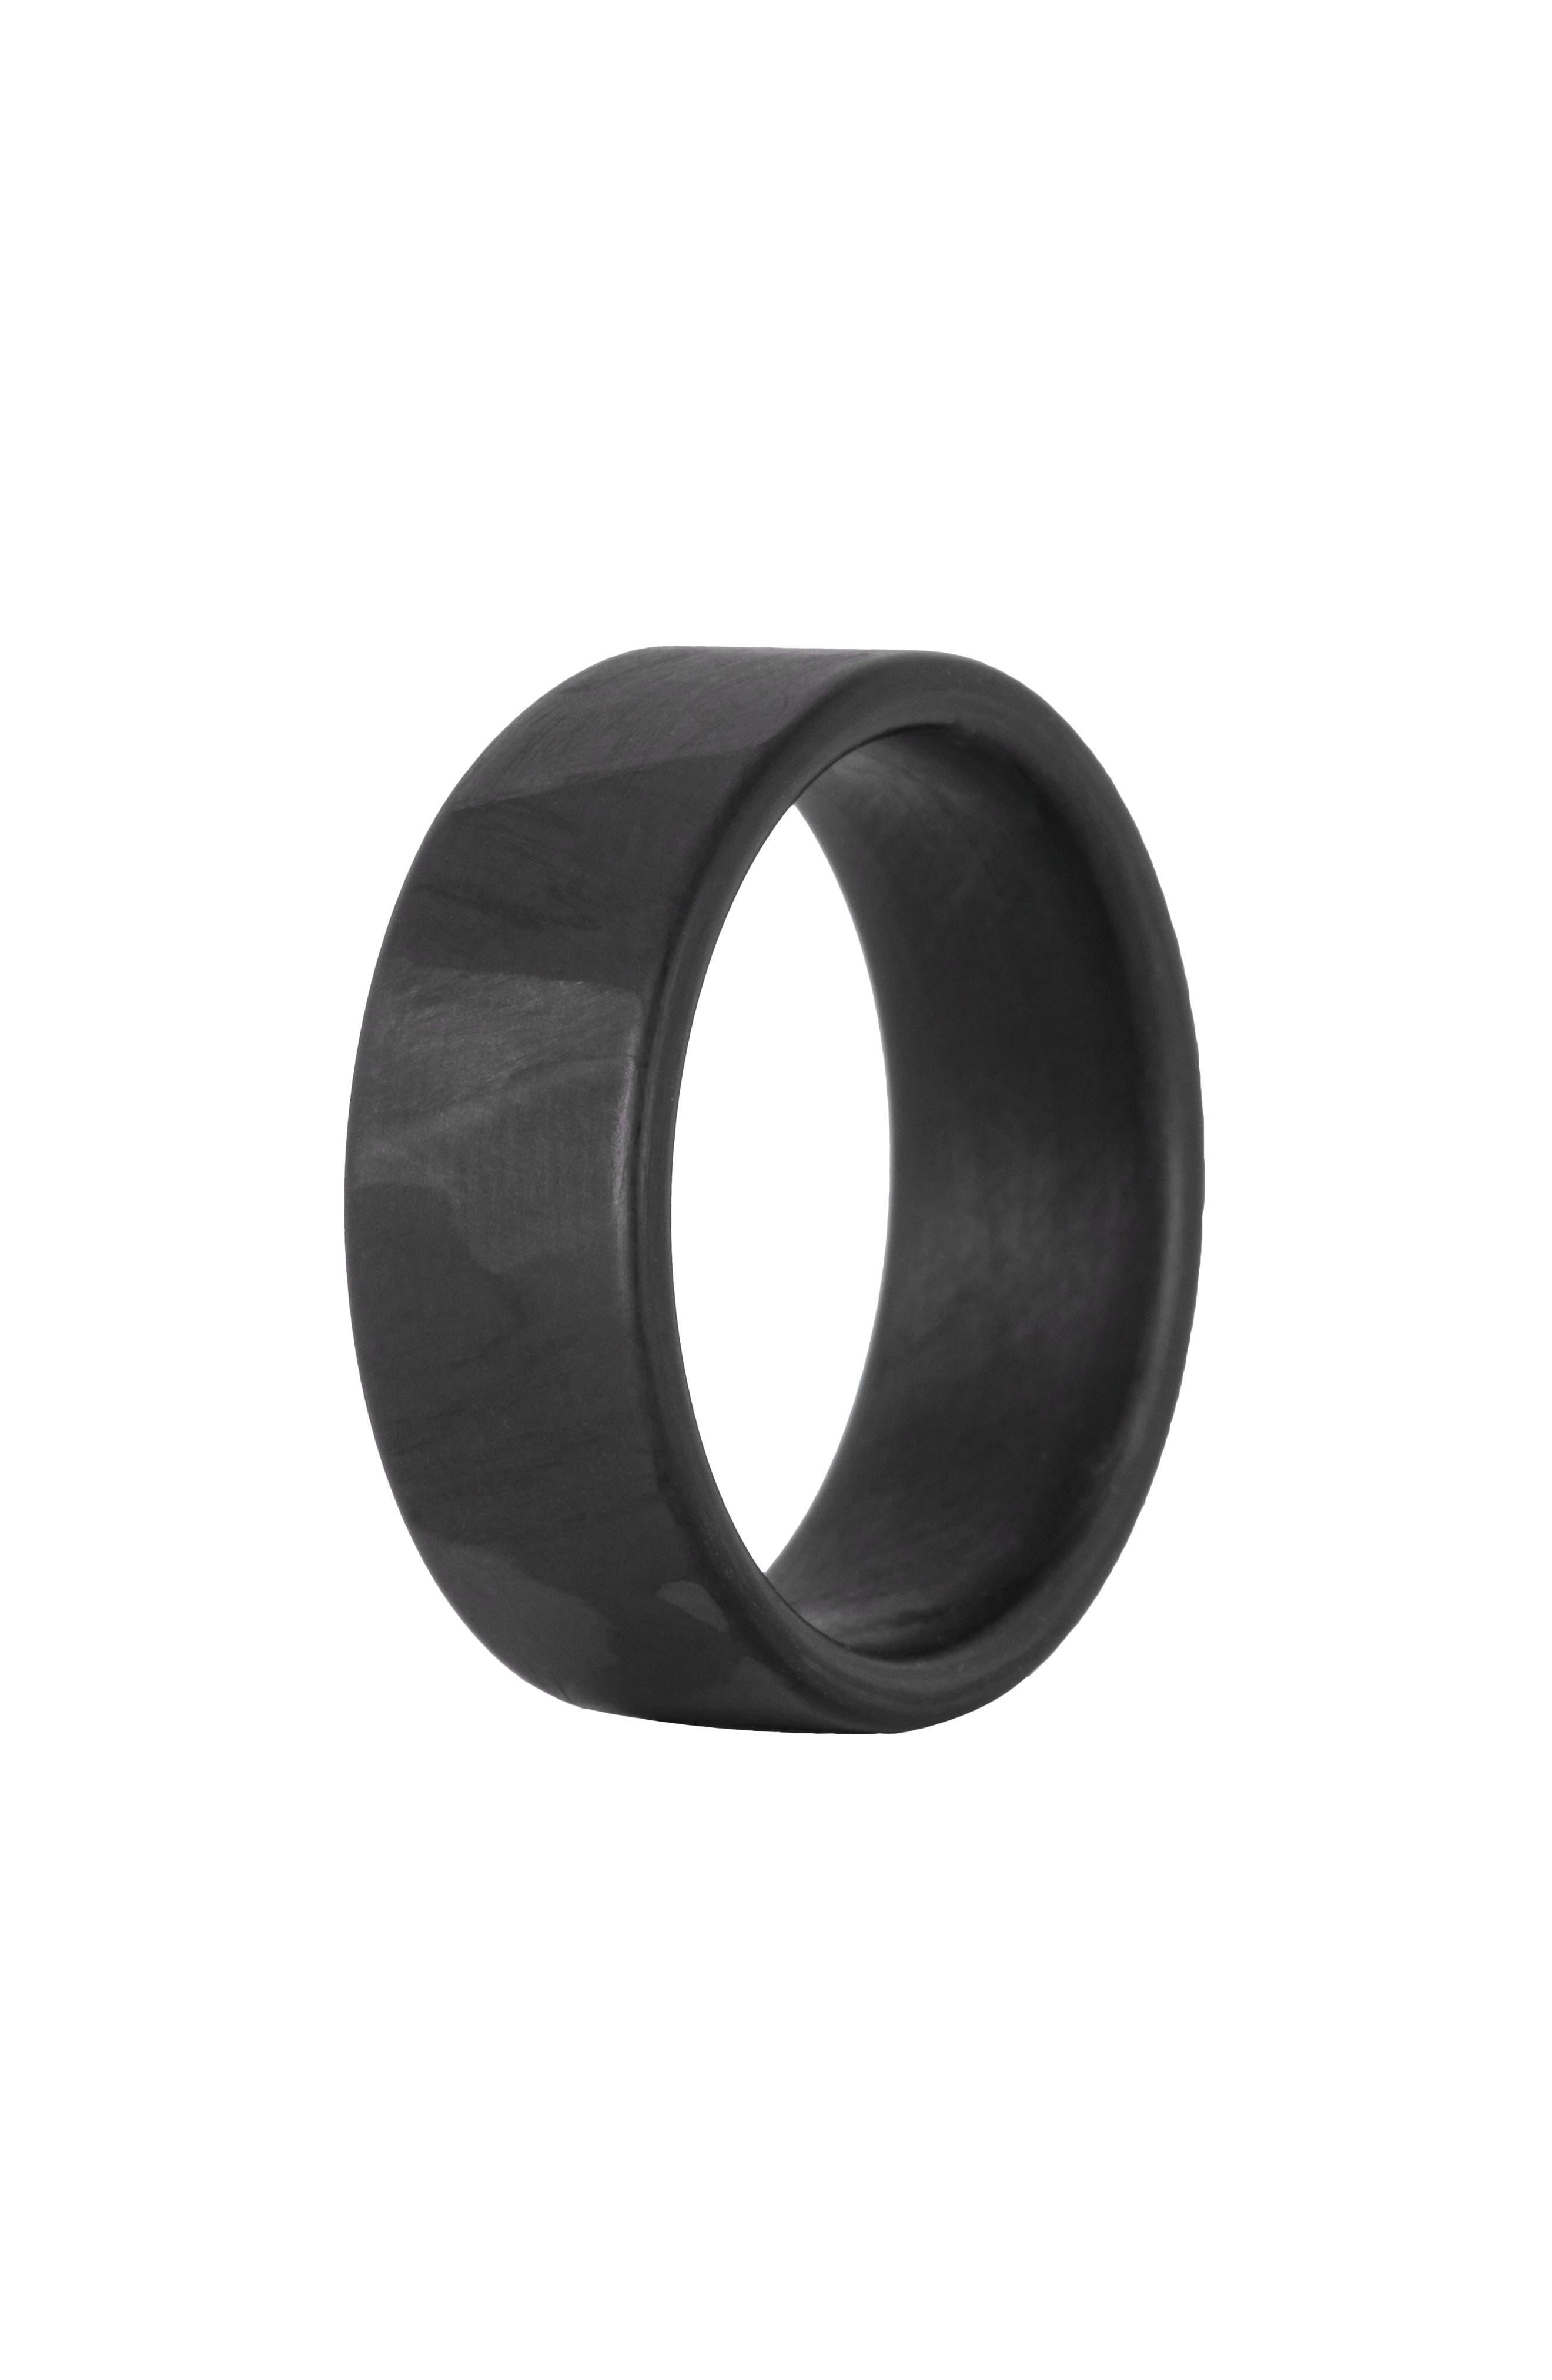 Women's Element Rings Co. Ranger Carbon Fiber Band Ring